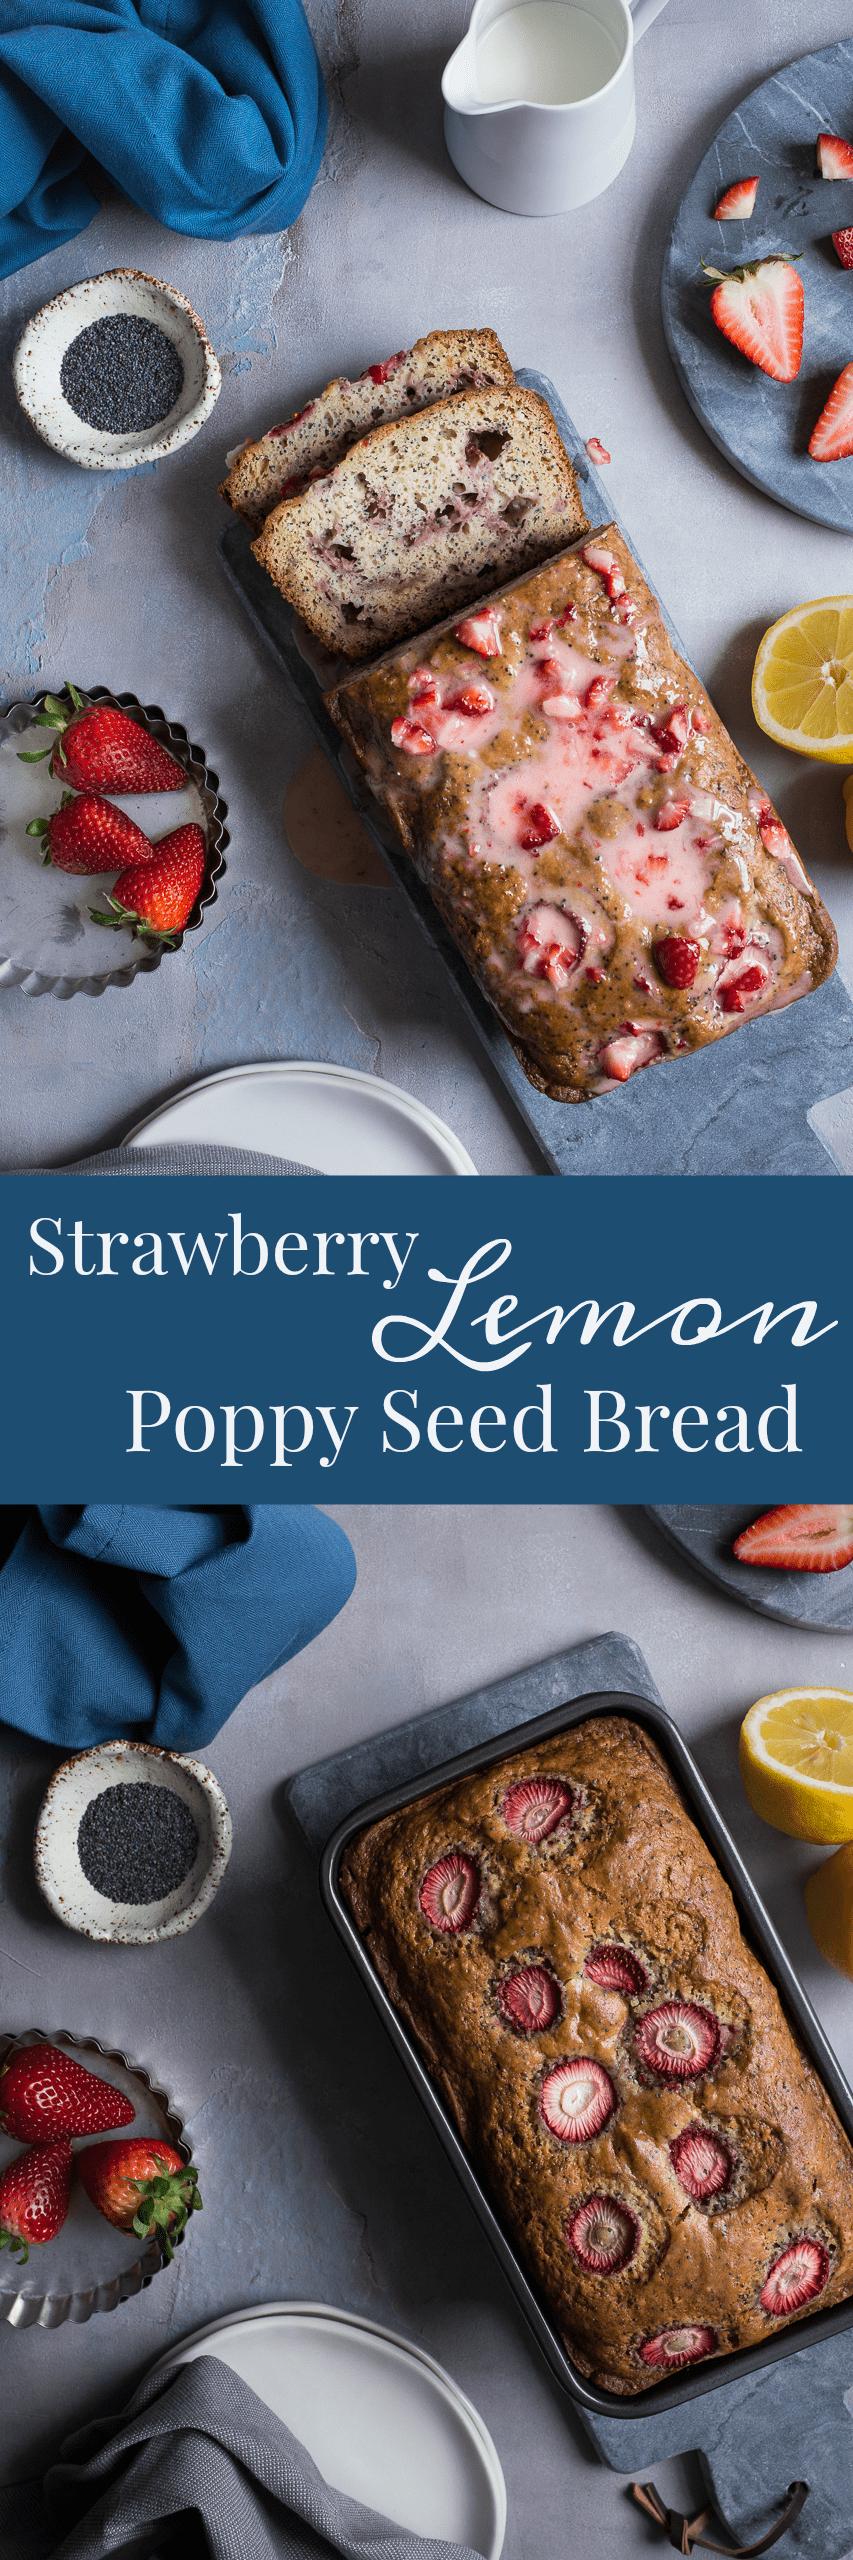 Strawberry Lemon Poppy Seed Bread with Strawberry Glaze